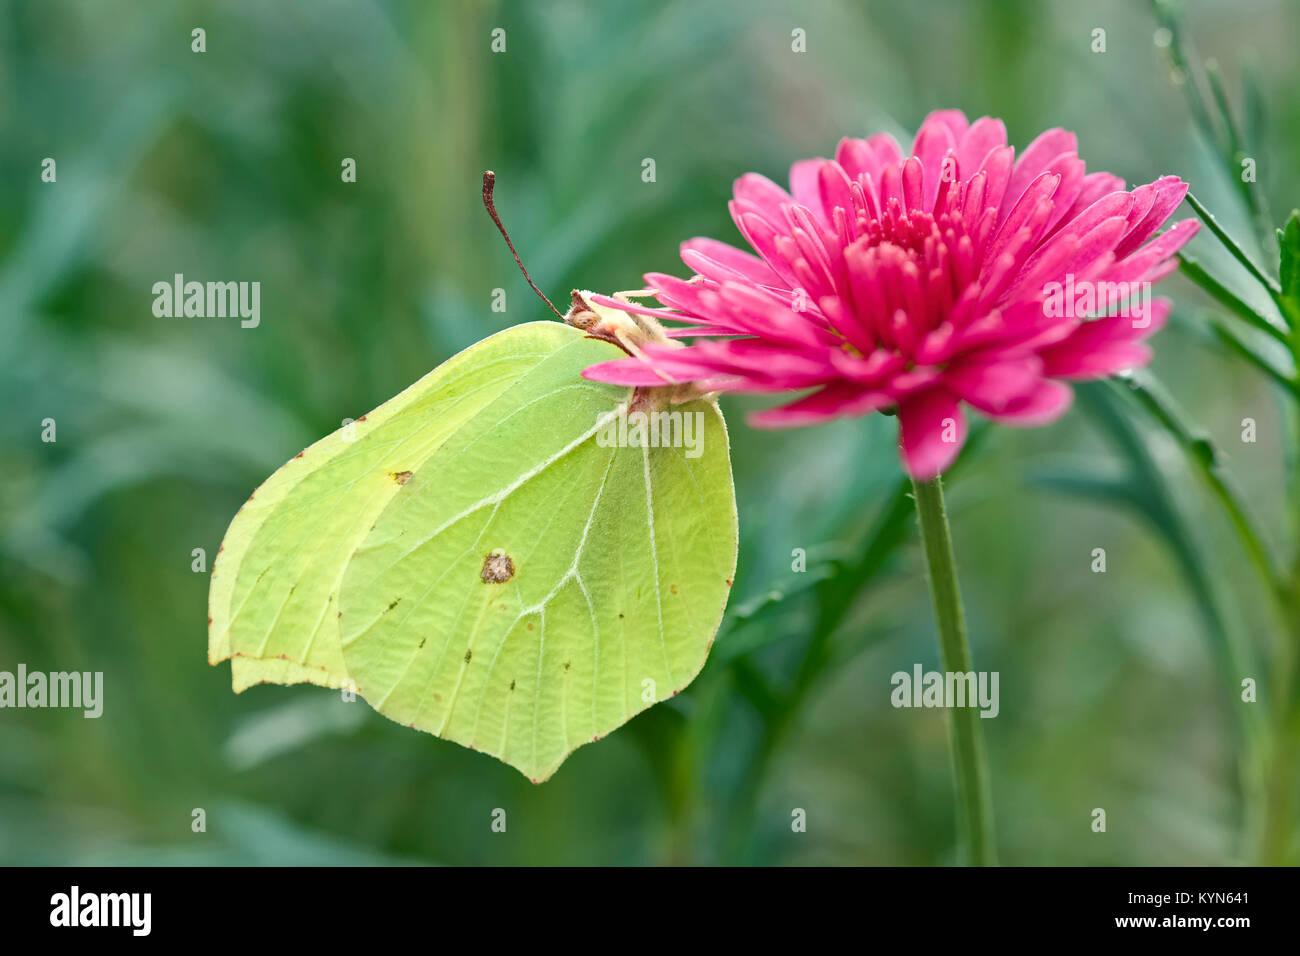 Brimstone Butterfly poggiante su Marguerite daisy fiori - Gonepteryx rhamni Immagini Stock